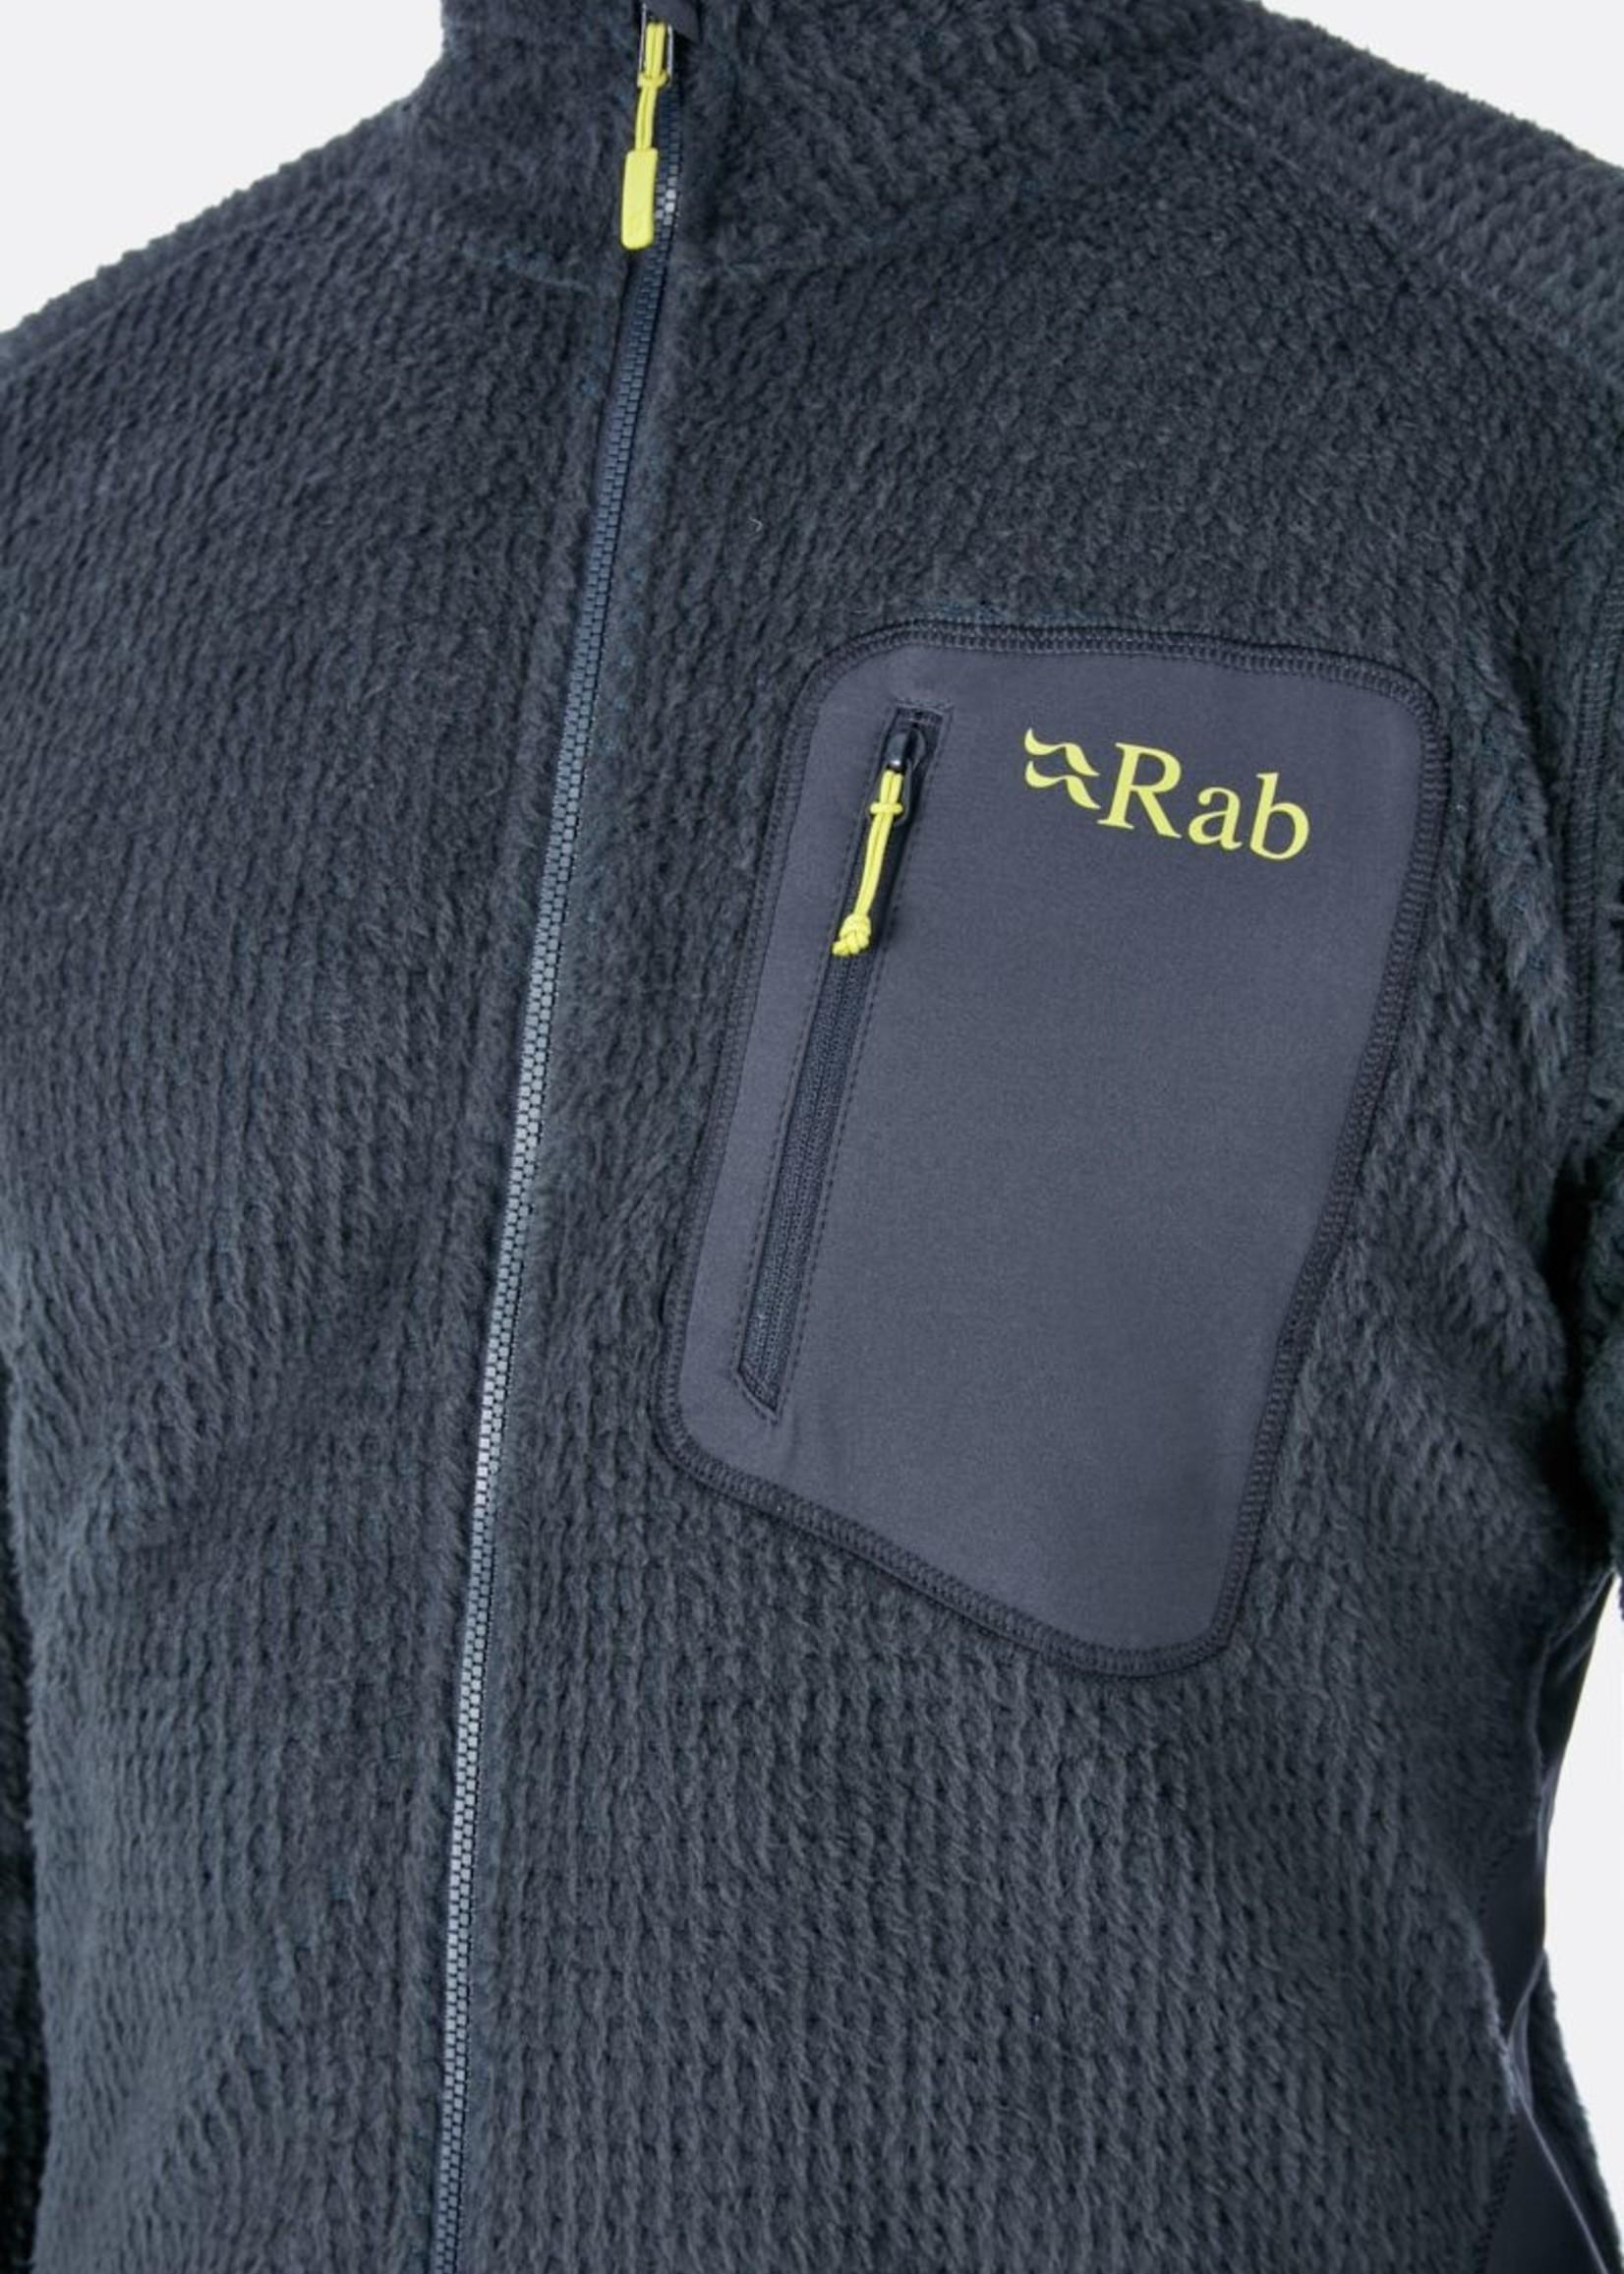 Rab Alpha Flash Jacket